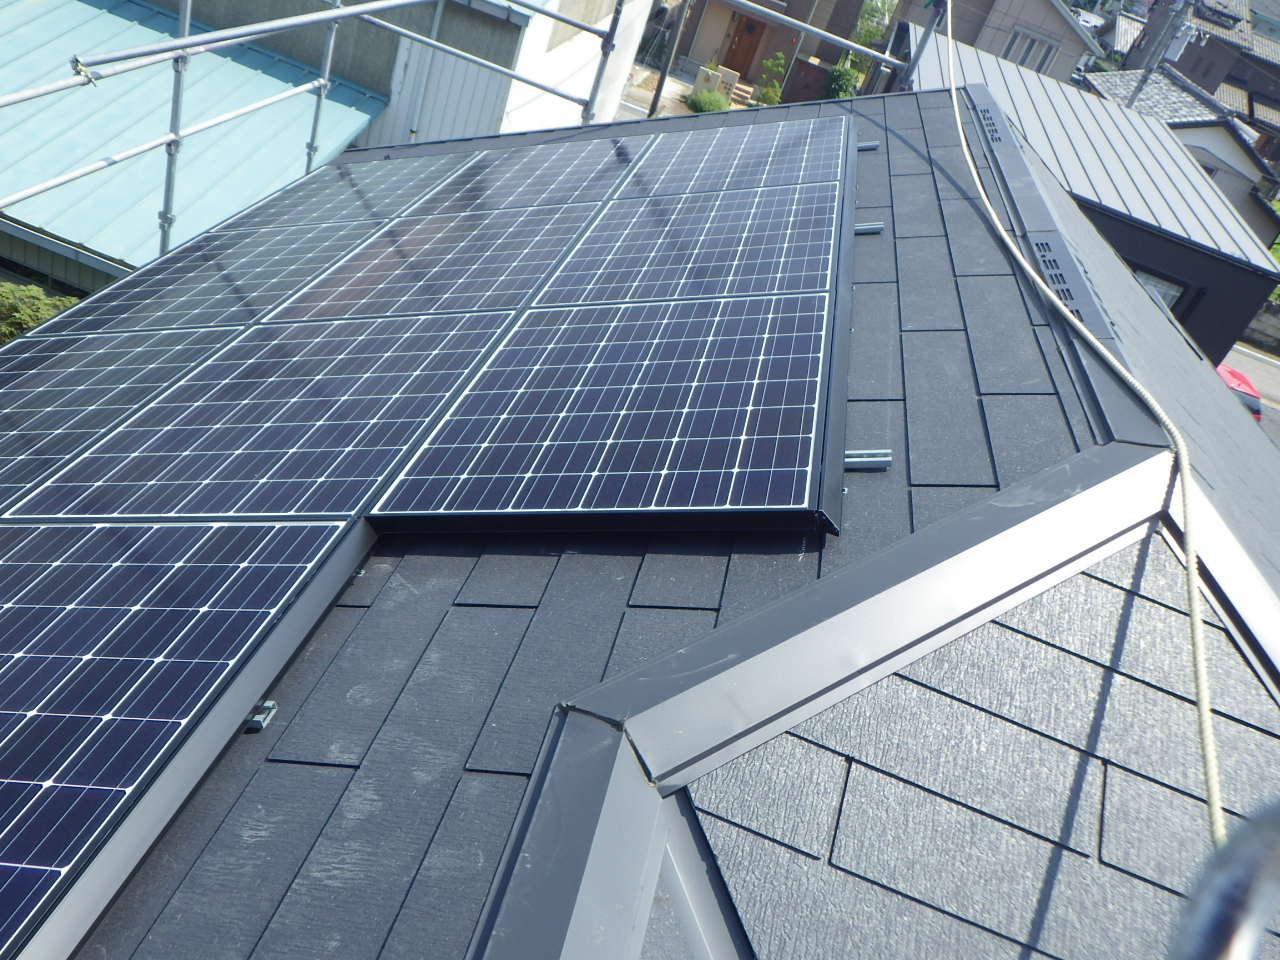 スレート屋根への太陽光パネル設置工事を行いました。in高根沢町